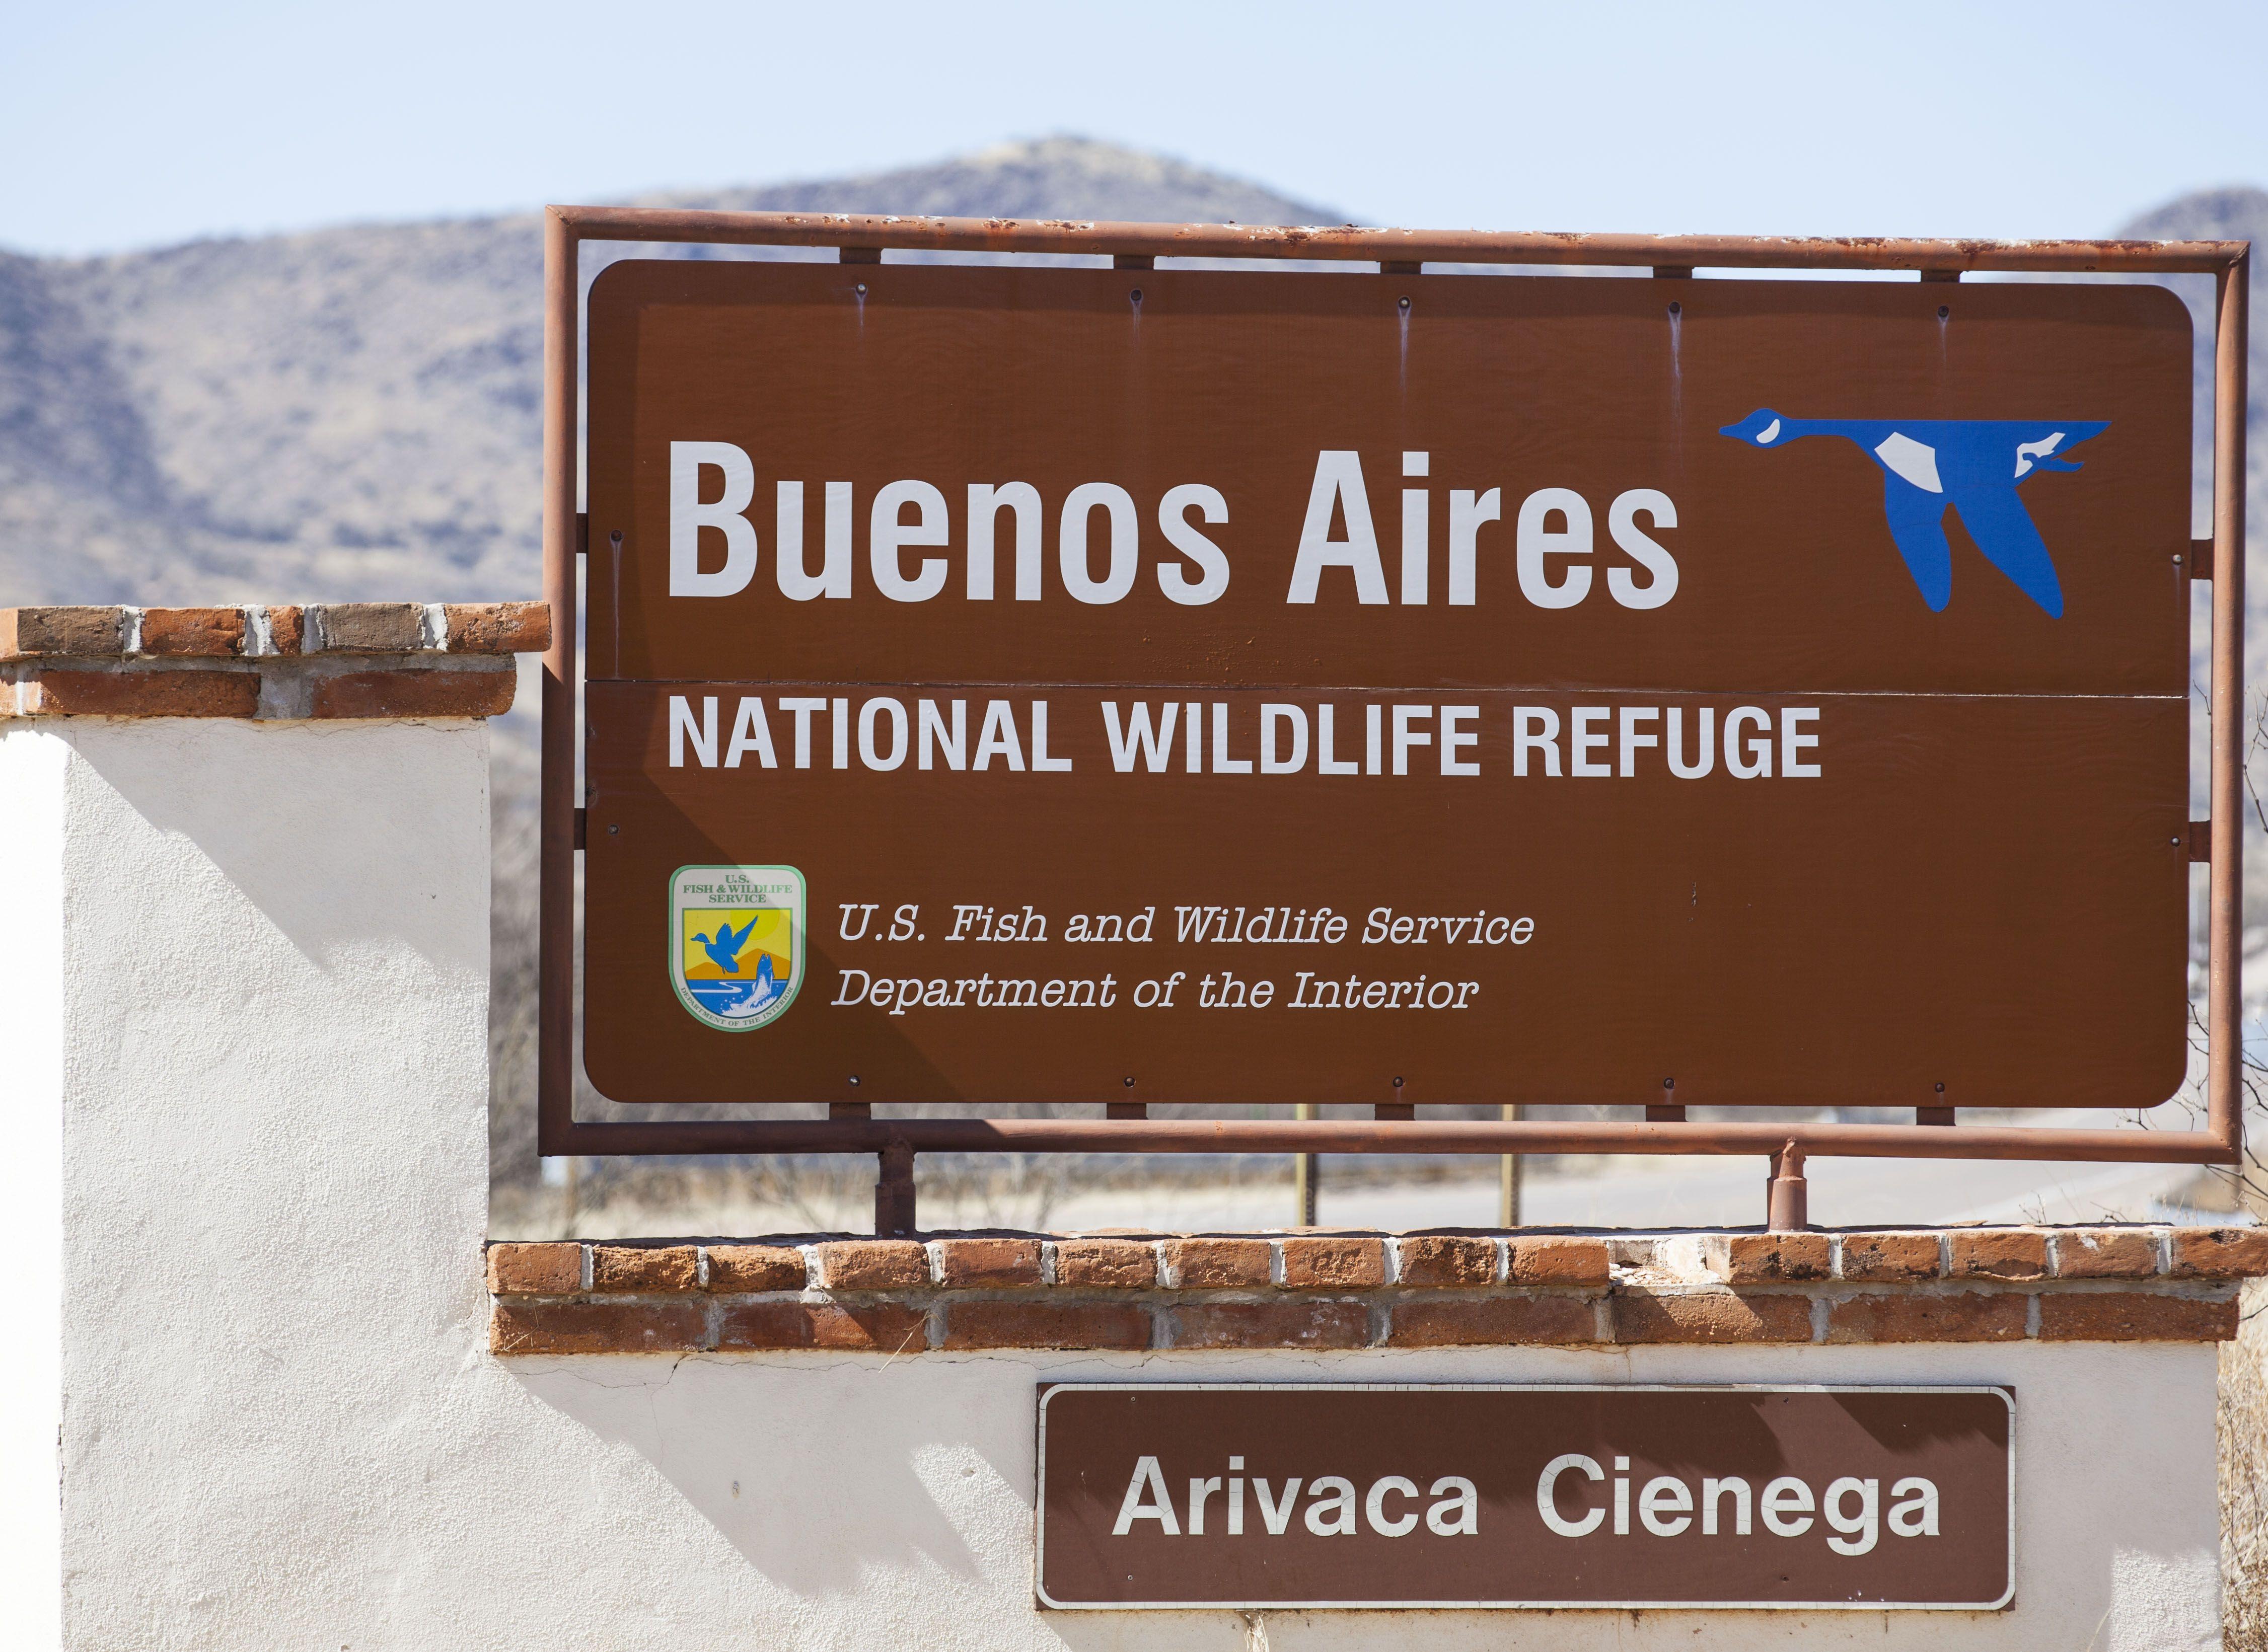 arivaca az | Arivaca Cienega: Buenos Aires National Wildlife Refuge